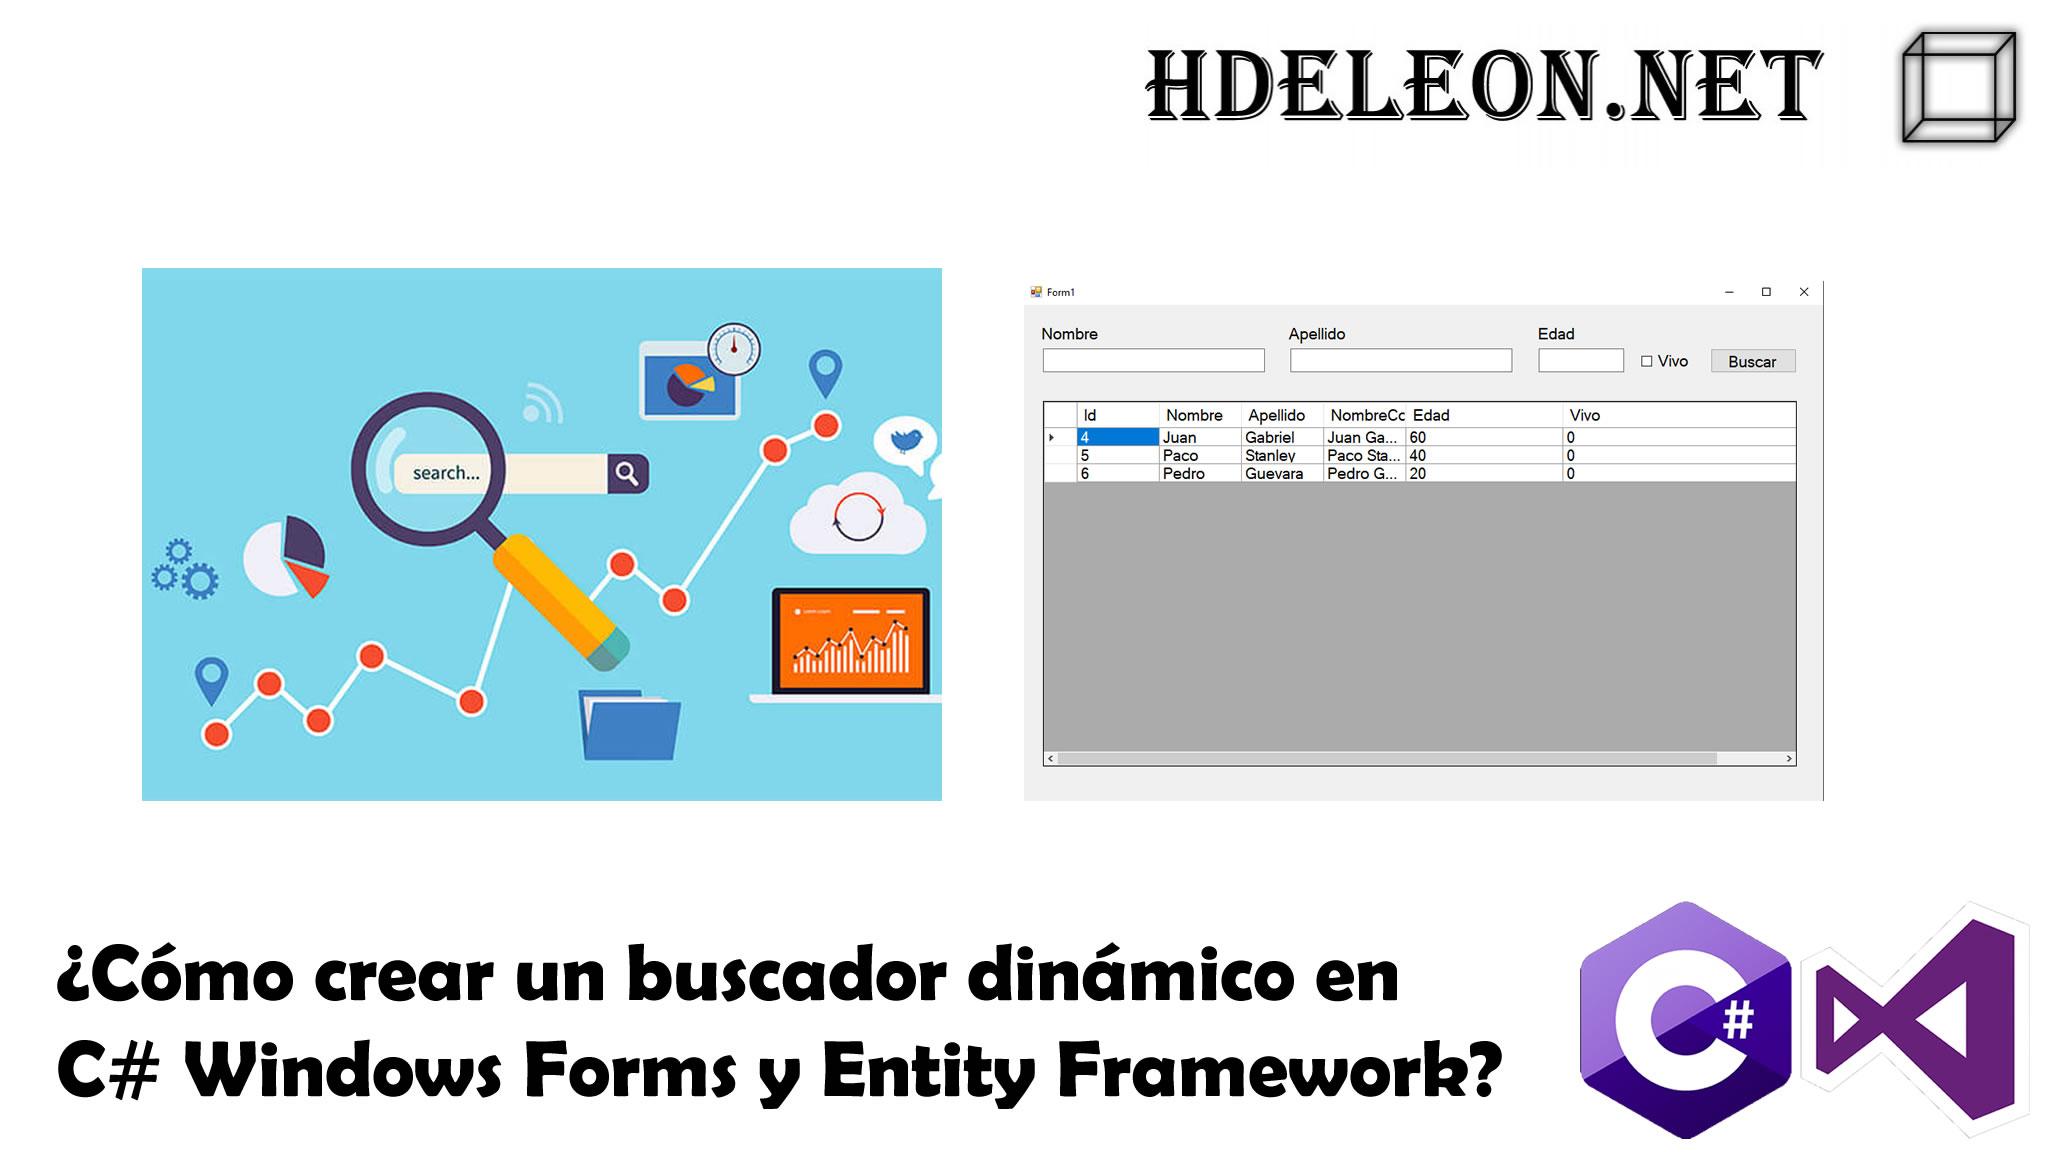 Buscador dinámico en C# .Net Windows Forms